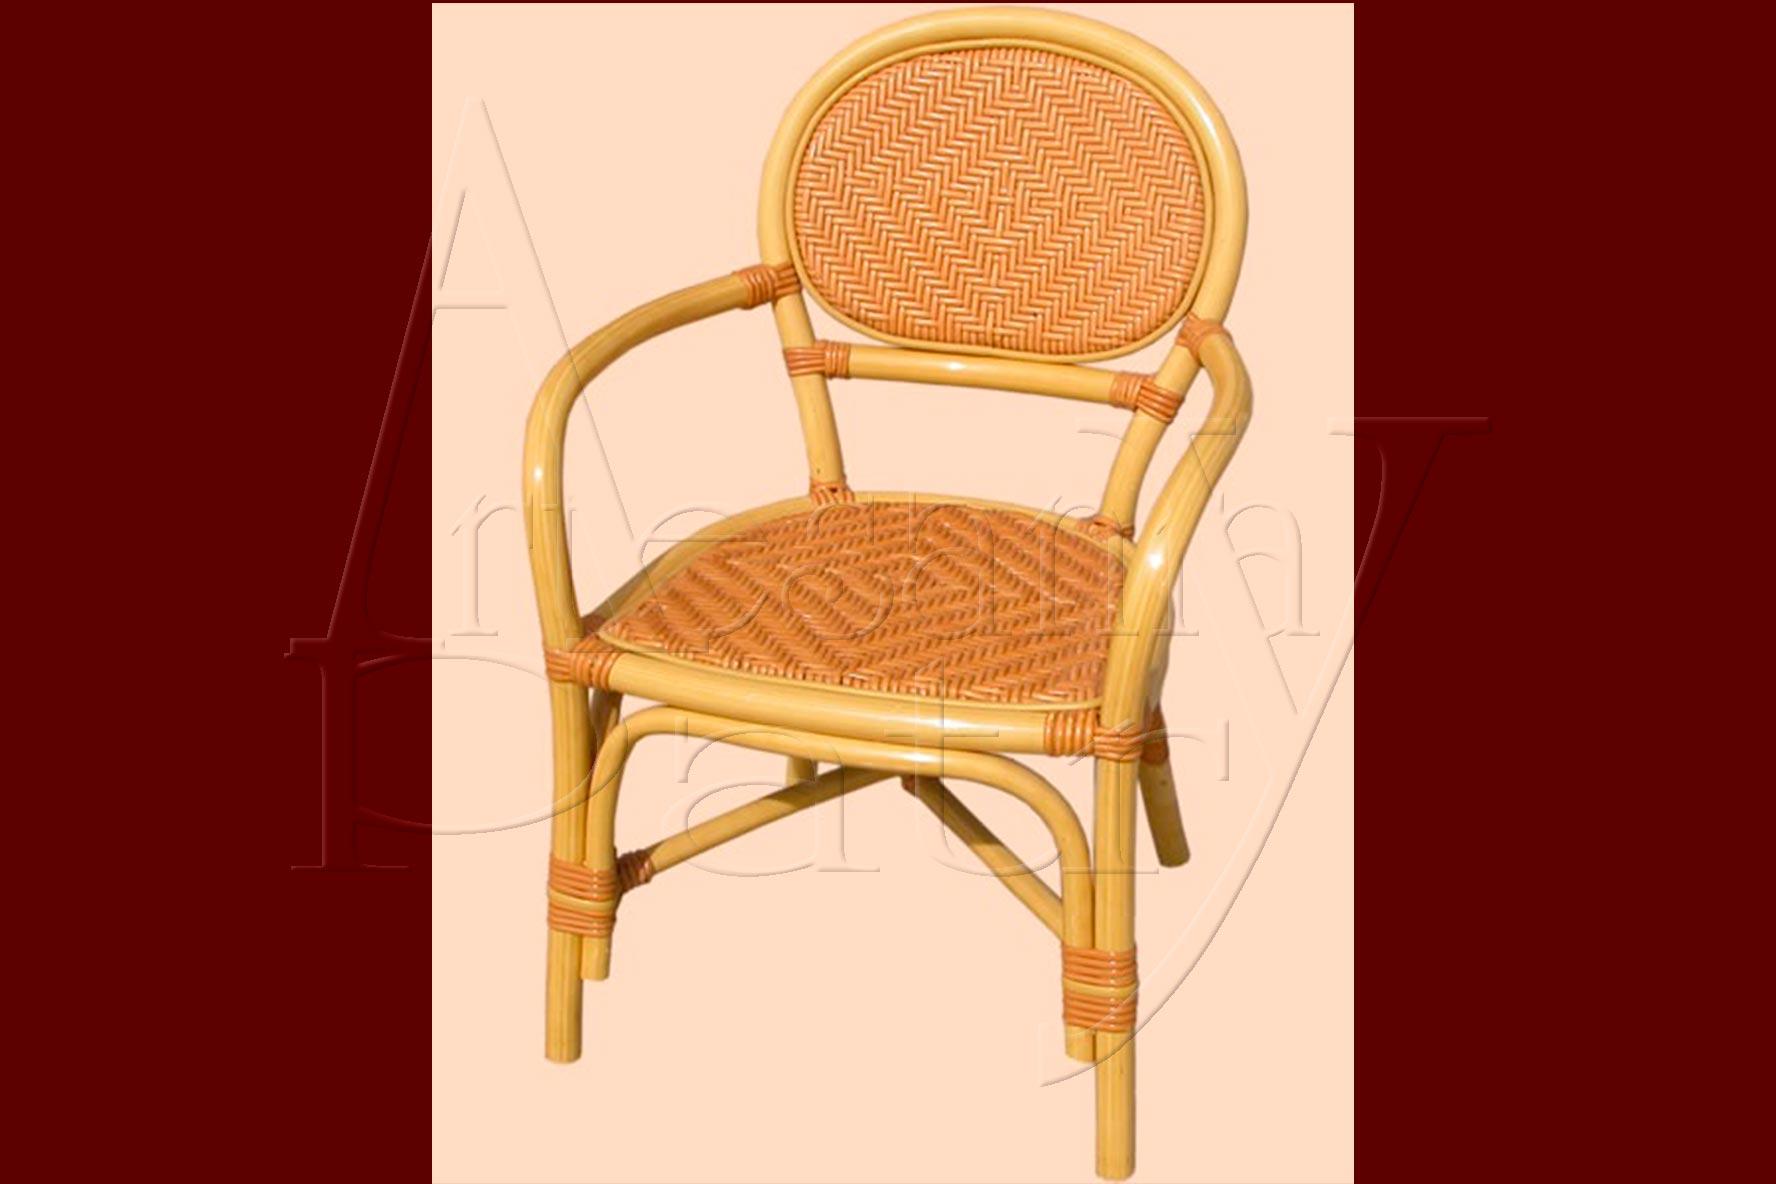 Sill n mimbre y junco elegante c modo y manejable for Oportunidades gaditanas muebles